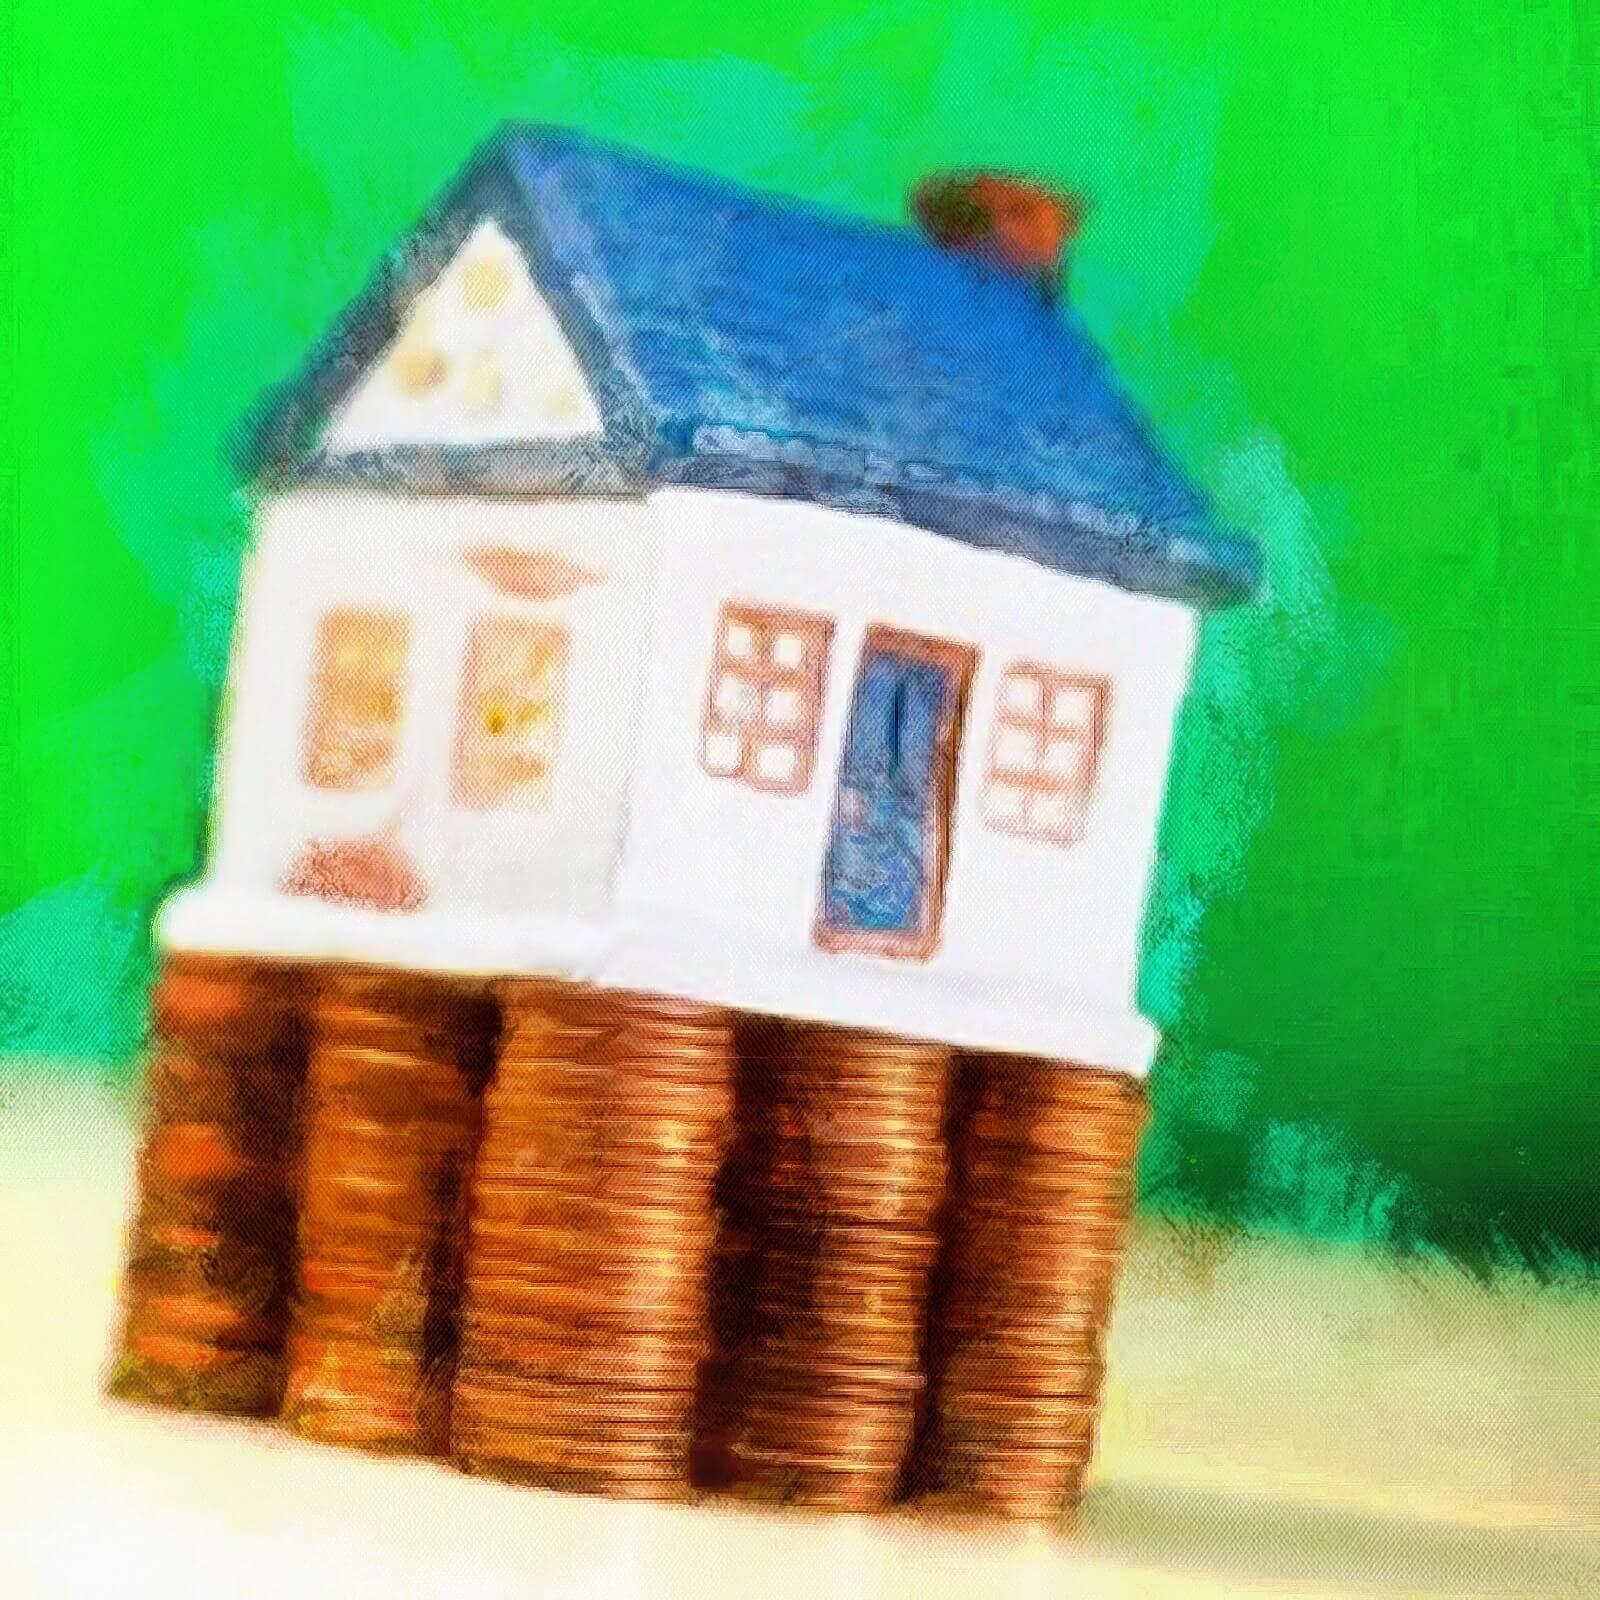 Ипотека от Балтинвестбанк: ипотечные программы, кредиты